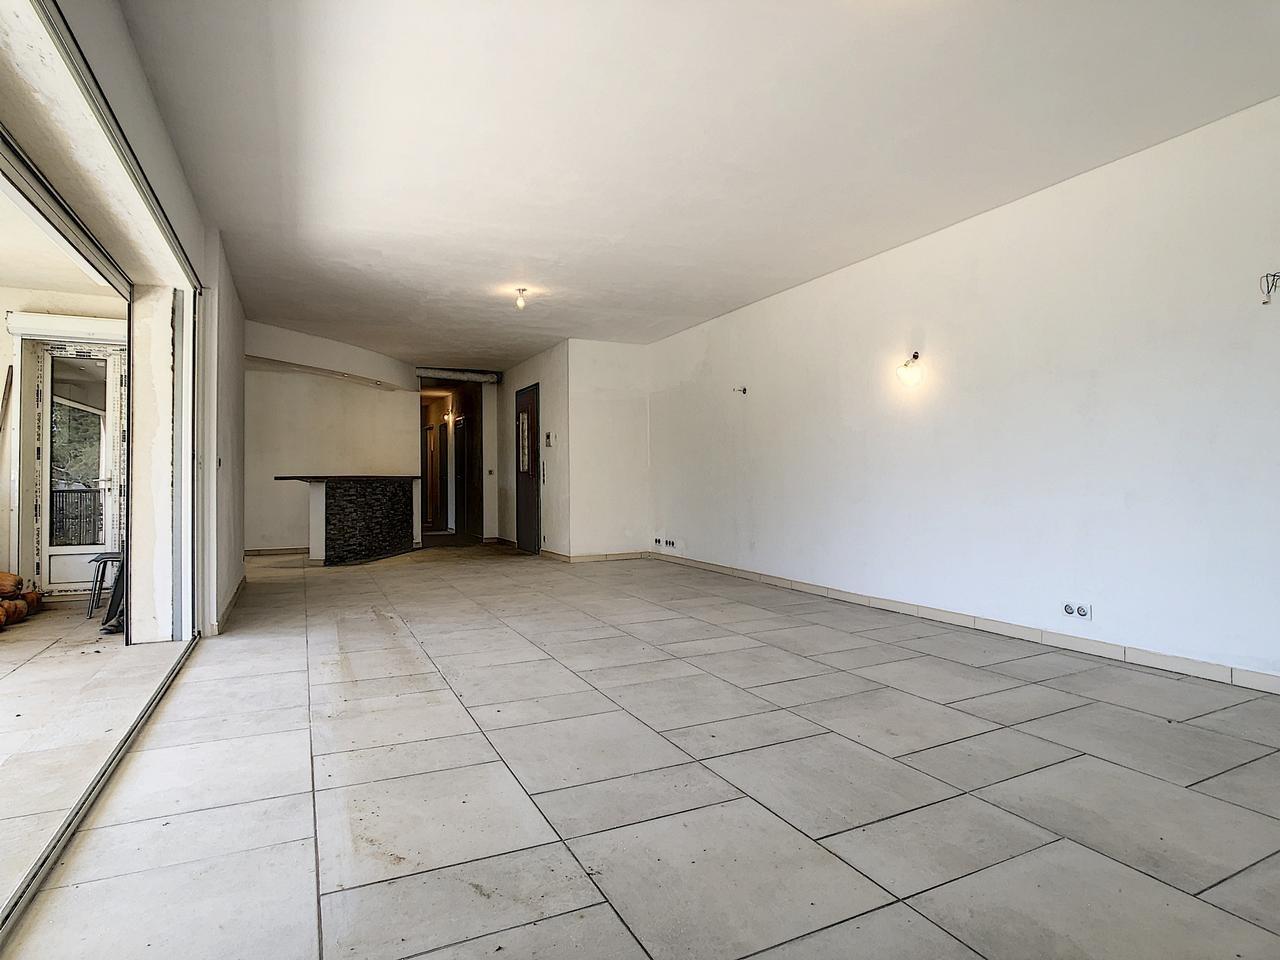 Maison  10 Locali 250m2  In vendita   950000 €